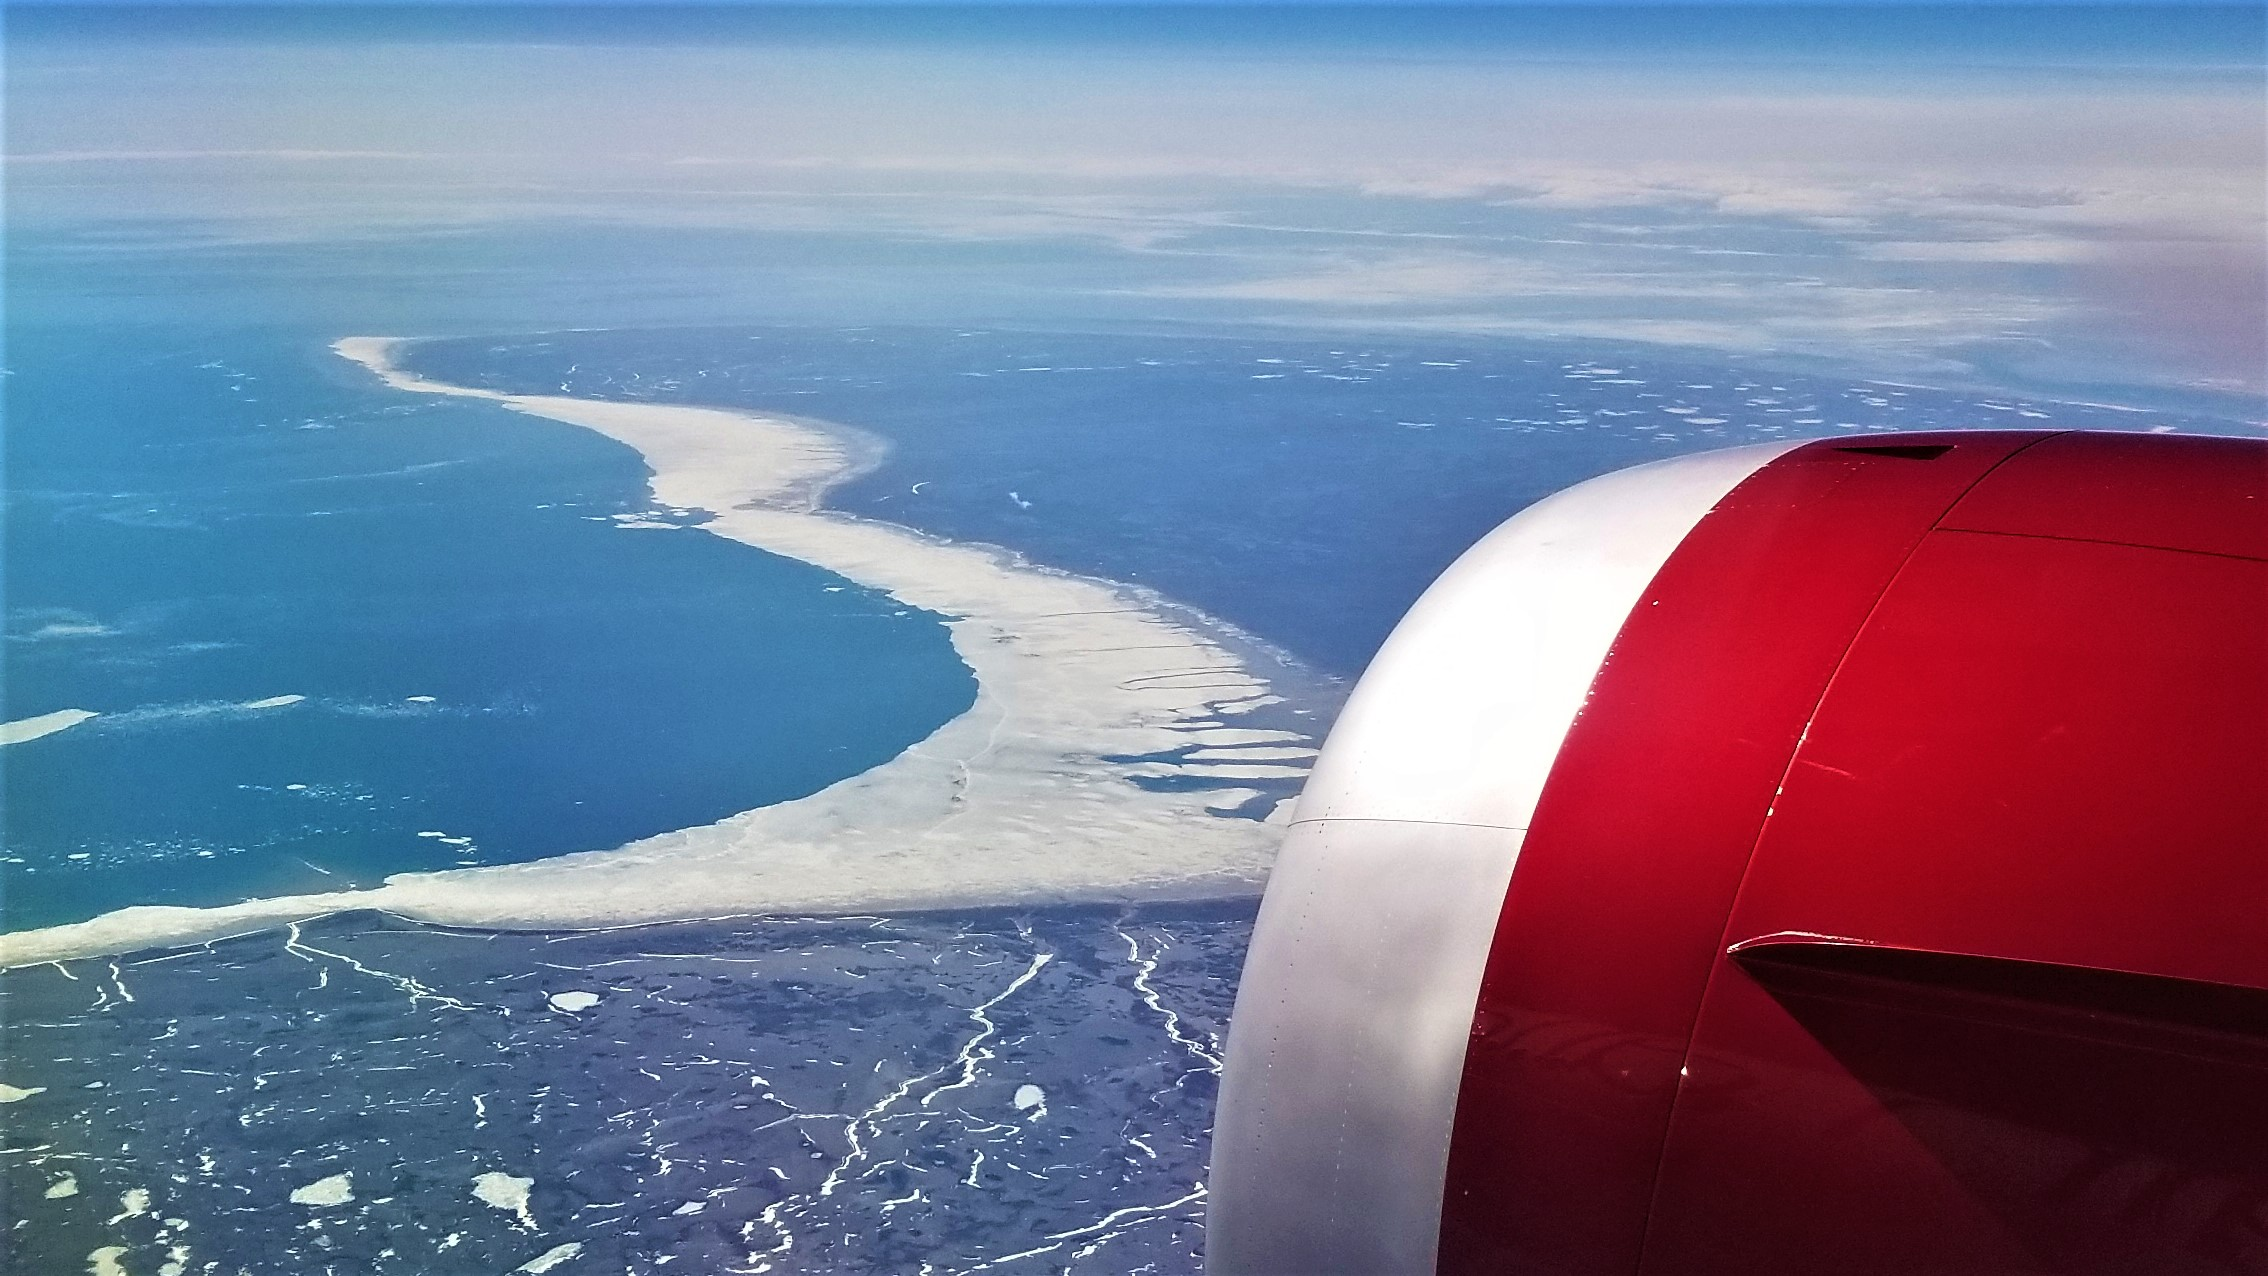 Icy Coast